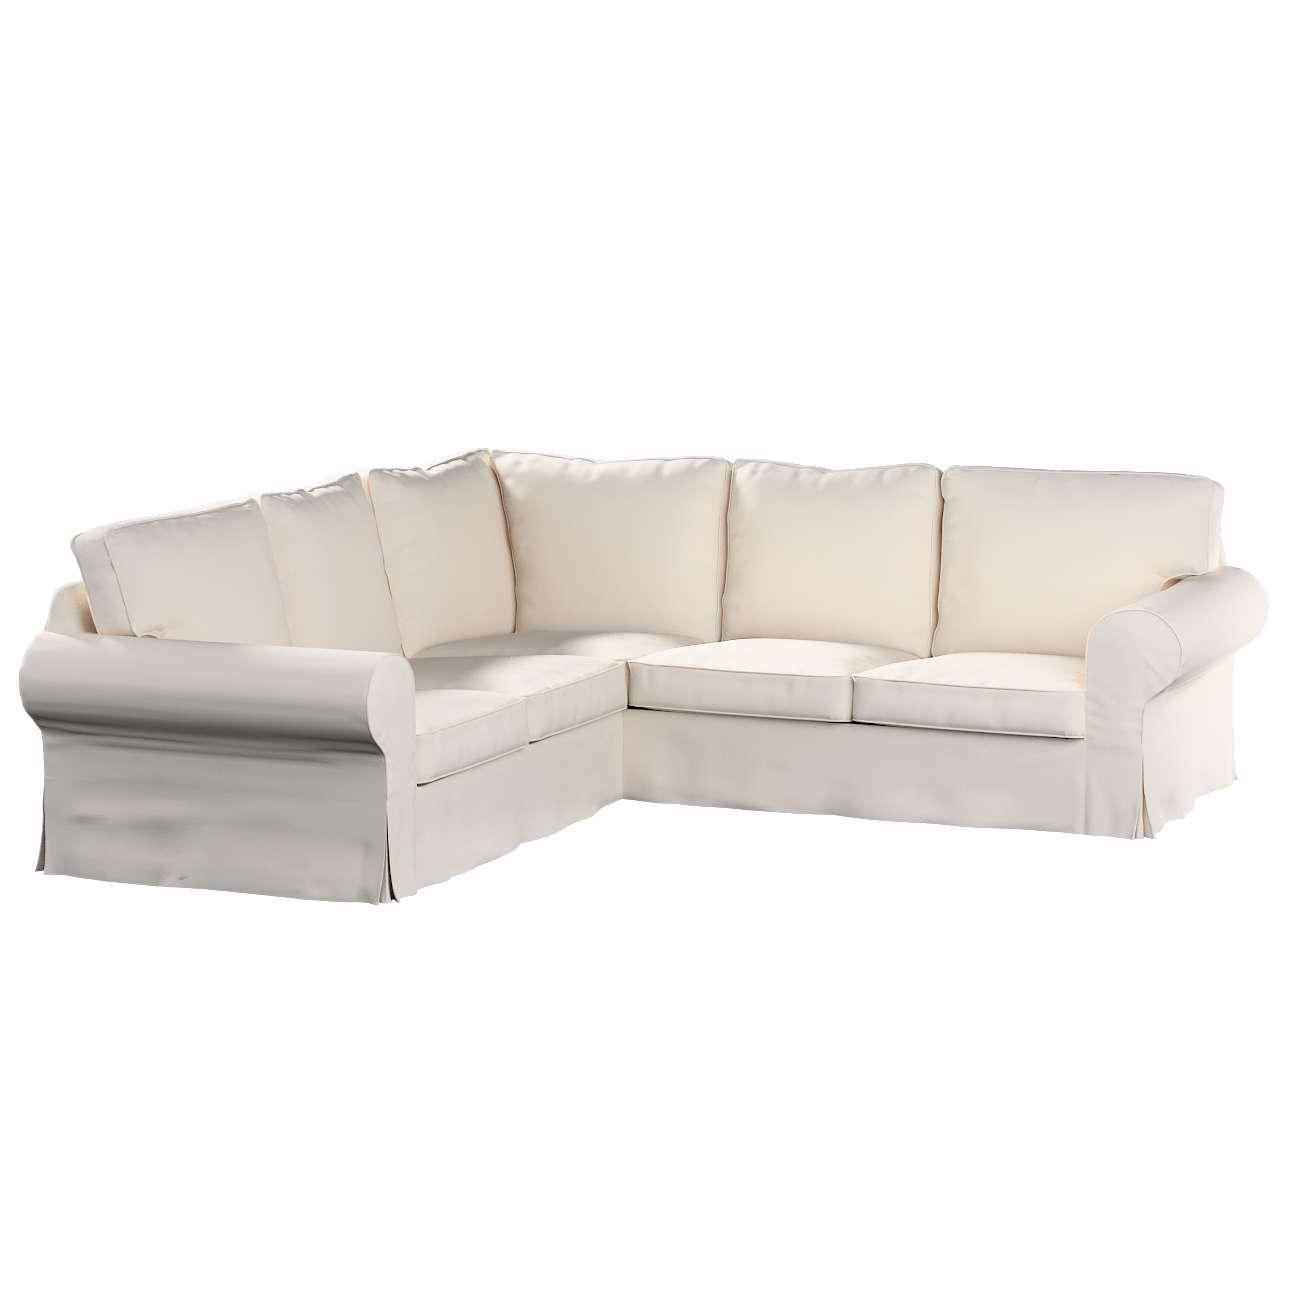 Ektorp kampinė sofa Ektorp kampinė sofa kolekcijoje Etna , audinys: 705-01